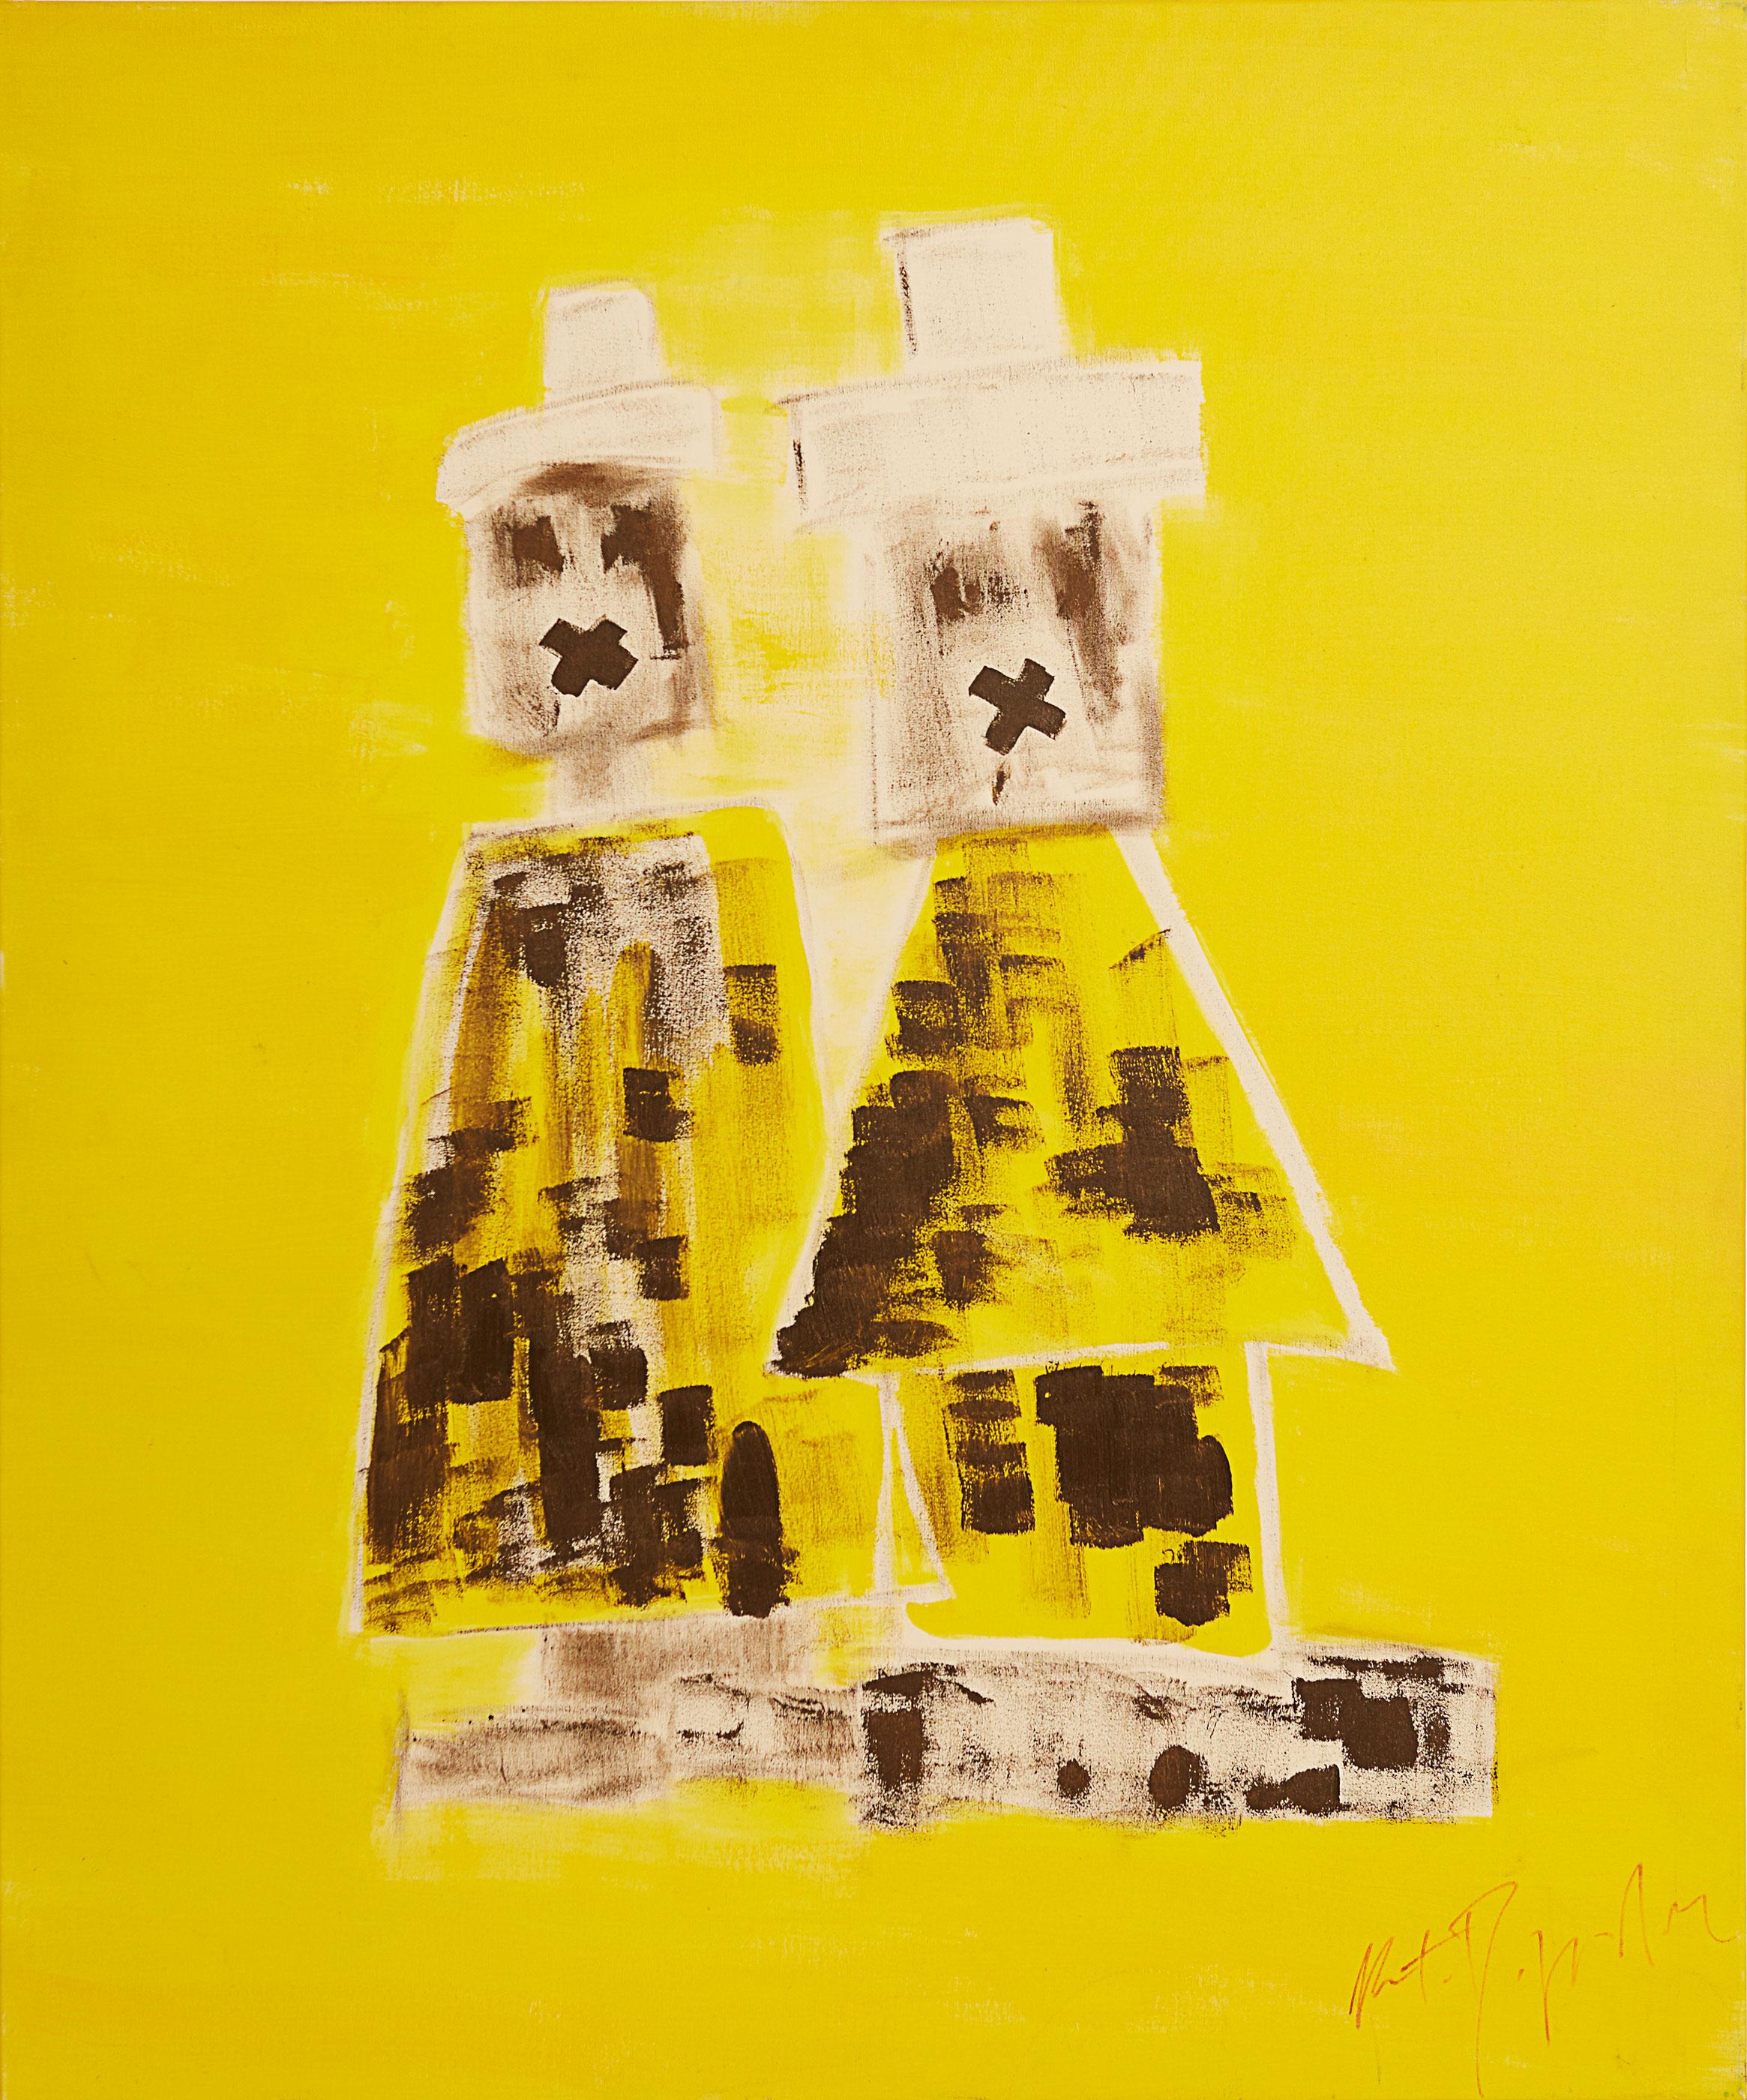 """Zitti , 2010   Oil on canvas   38 x 46"""""""